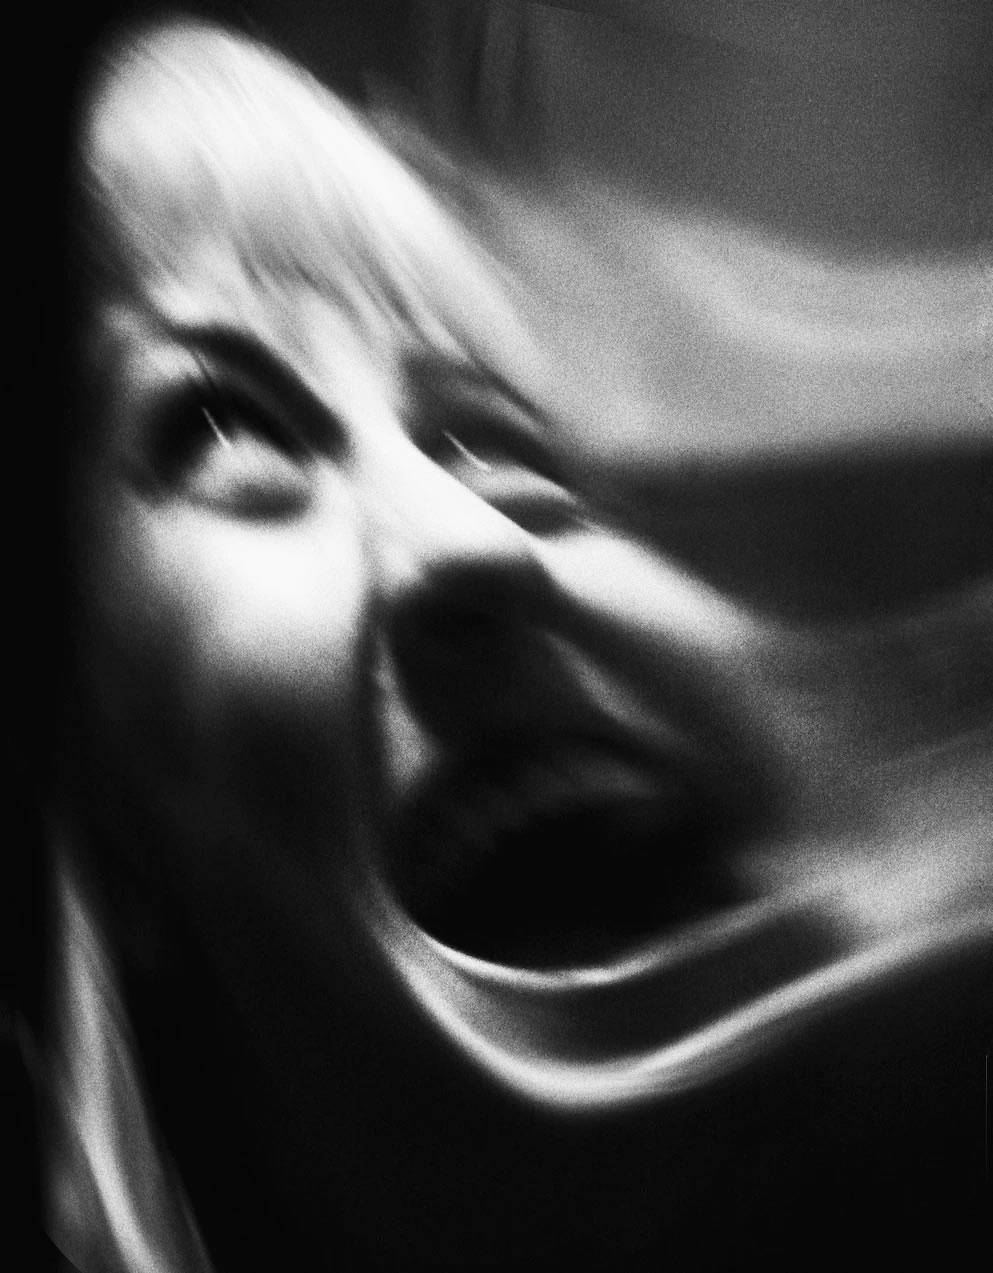 人类的尖叫至少能传达六种情绪::痛苦、愤怒、恐惧、喜悦、热情和悲伤